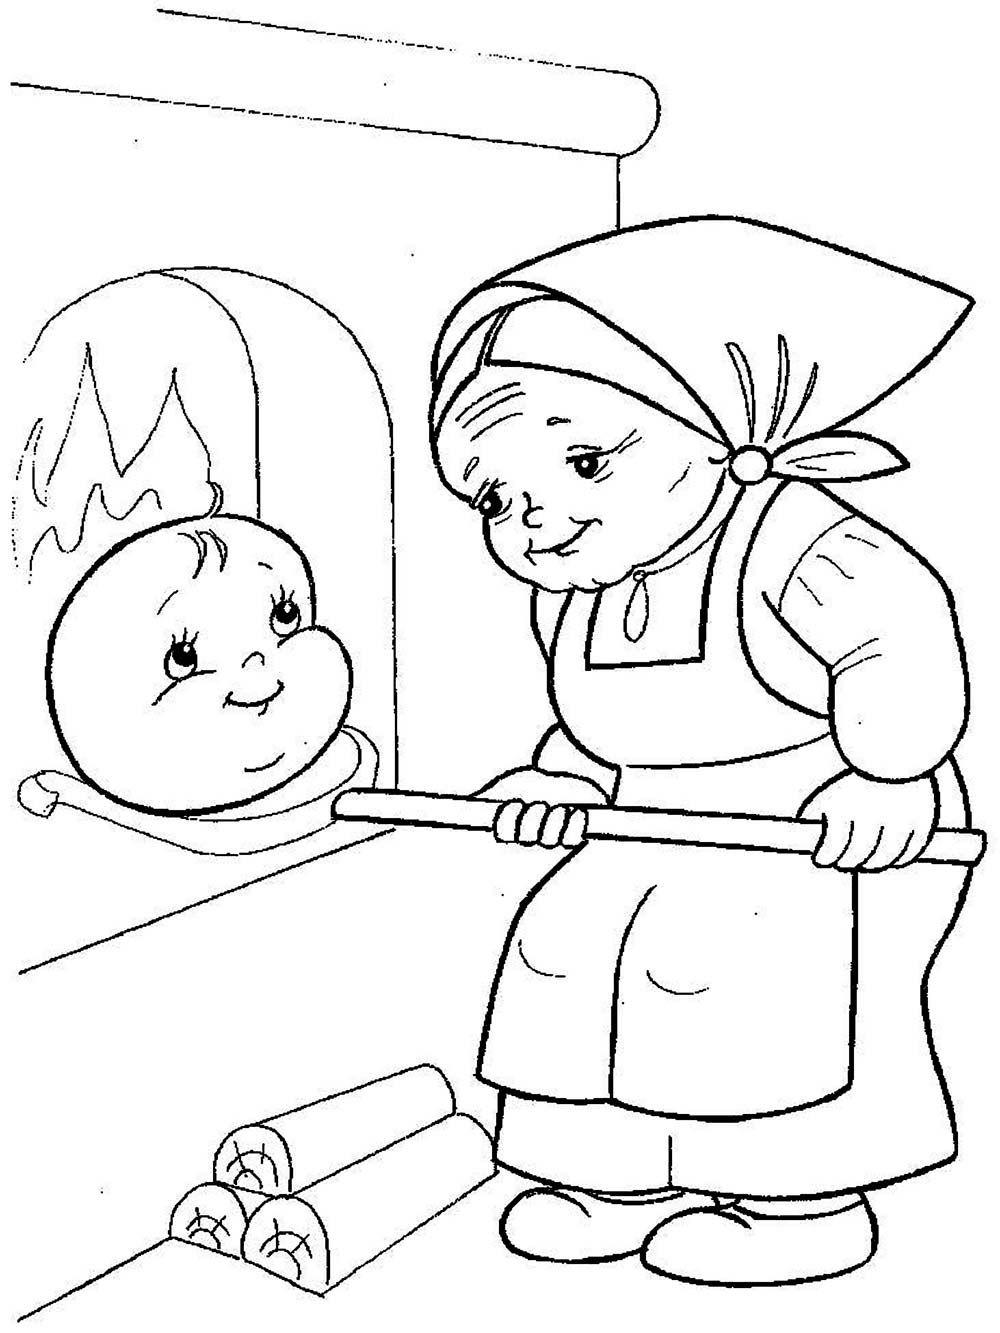 Раскраски детям про сказку